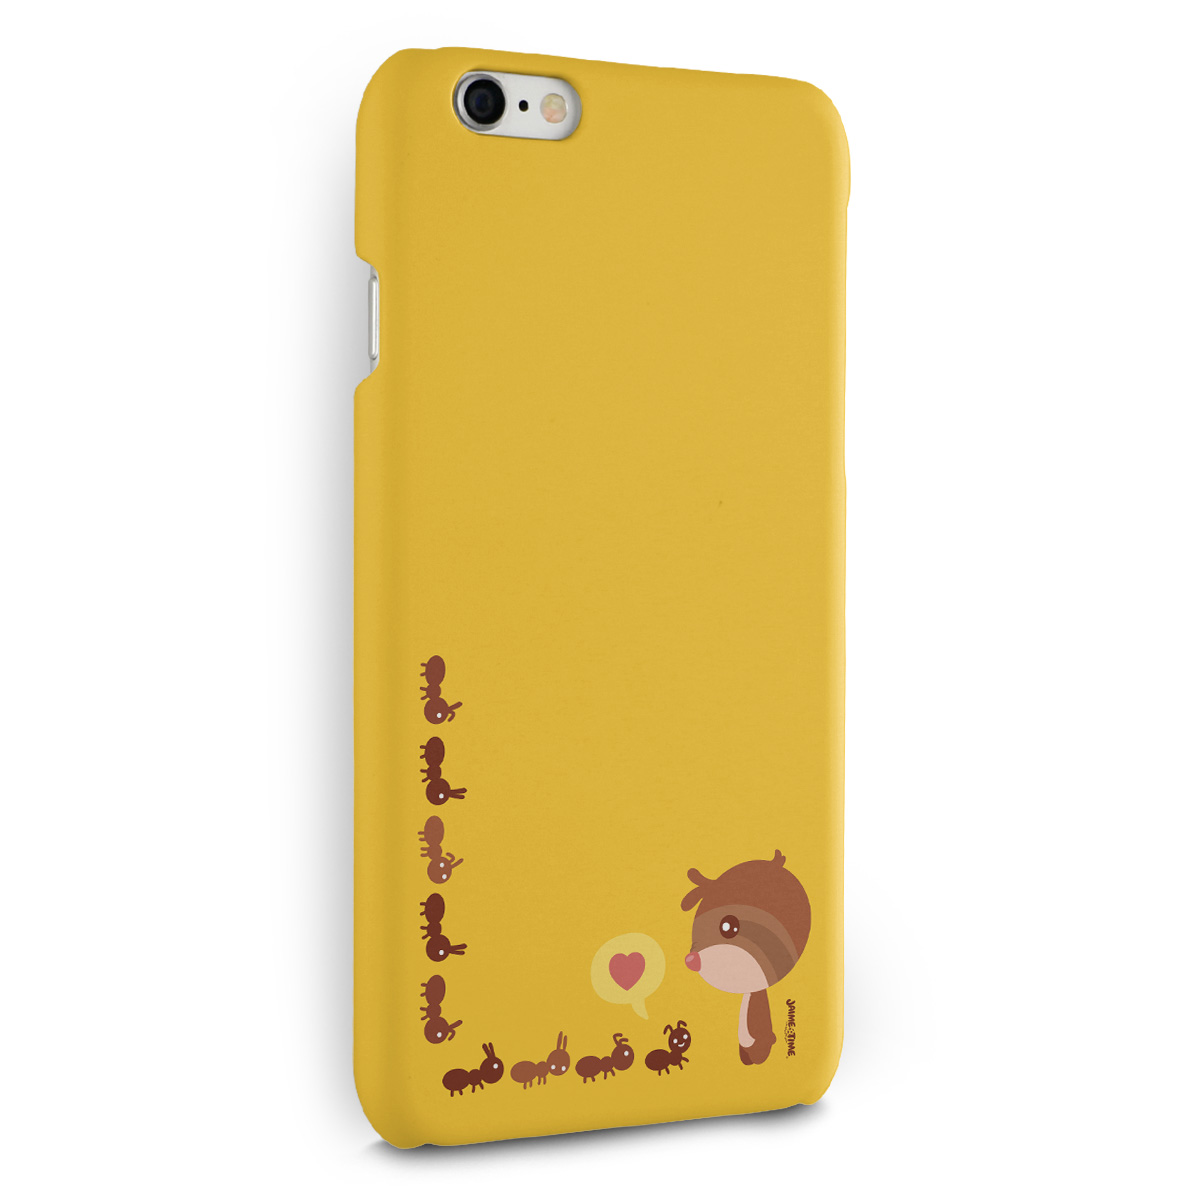 Capa para iPhone 6/6S Plus Jaime Formigas